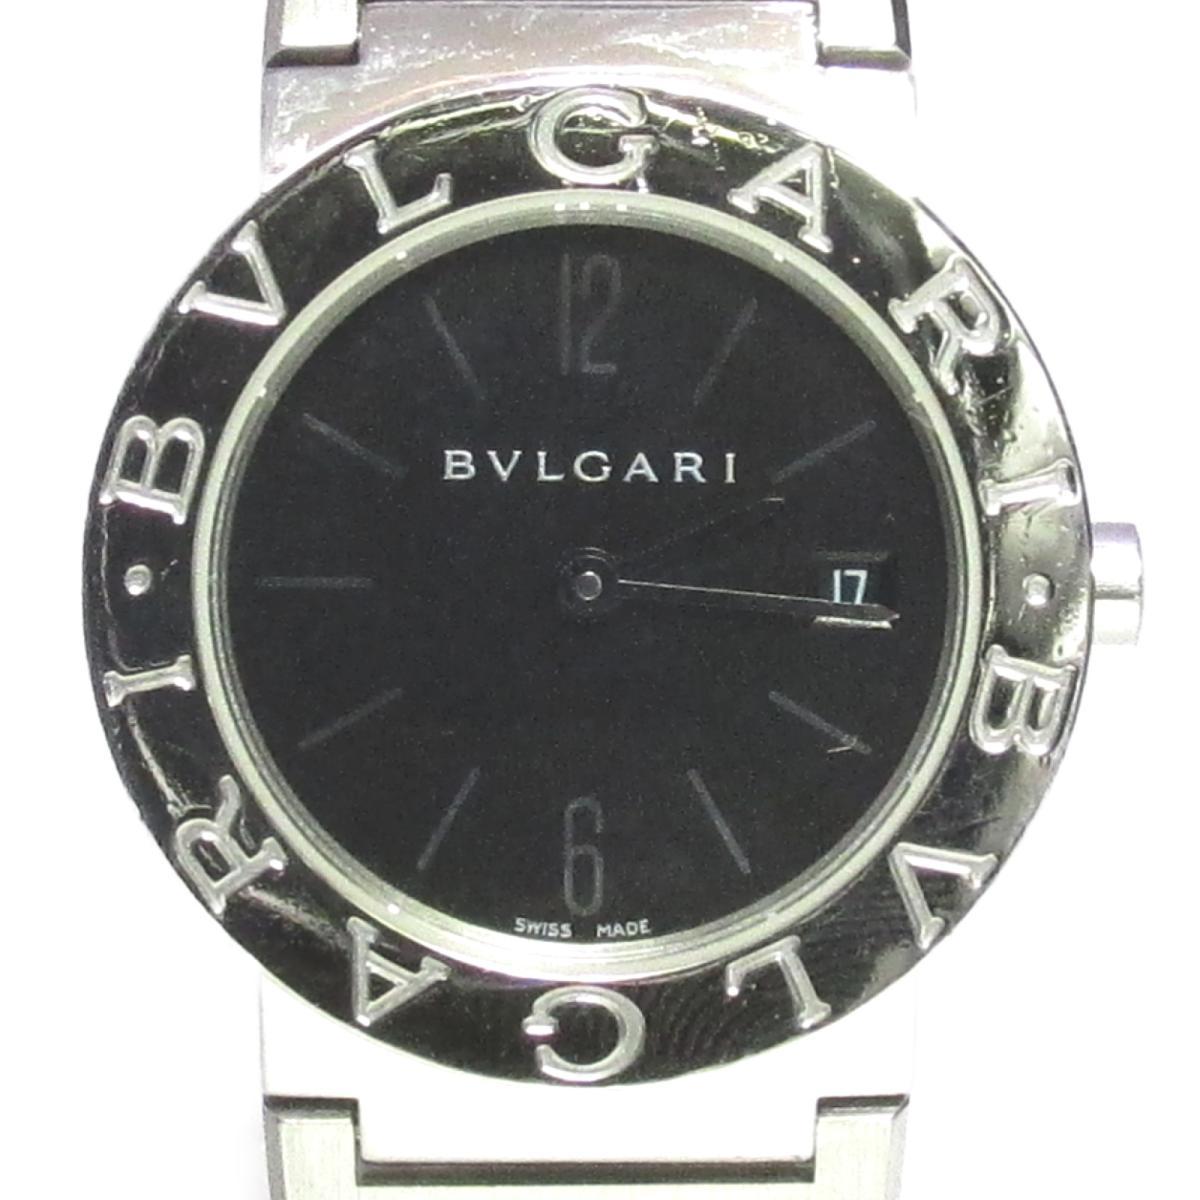 【中古】 ブルガリ 腕時計 ウォッチ レディース ステンレススチール (SS) ブラック (BB26SS) | BVLGARI BRANDOFF ブランドオフ ブランド ブランド時計 ブランド腕時計 時計